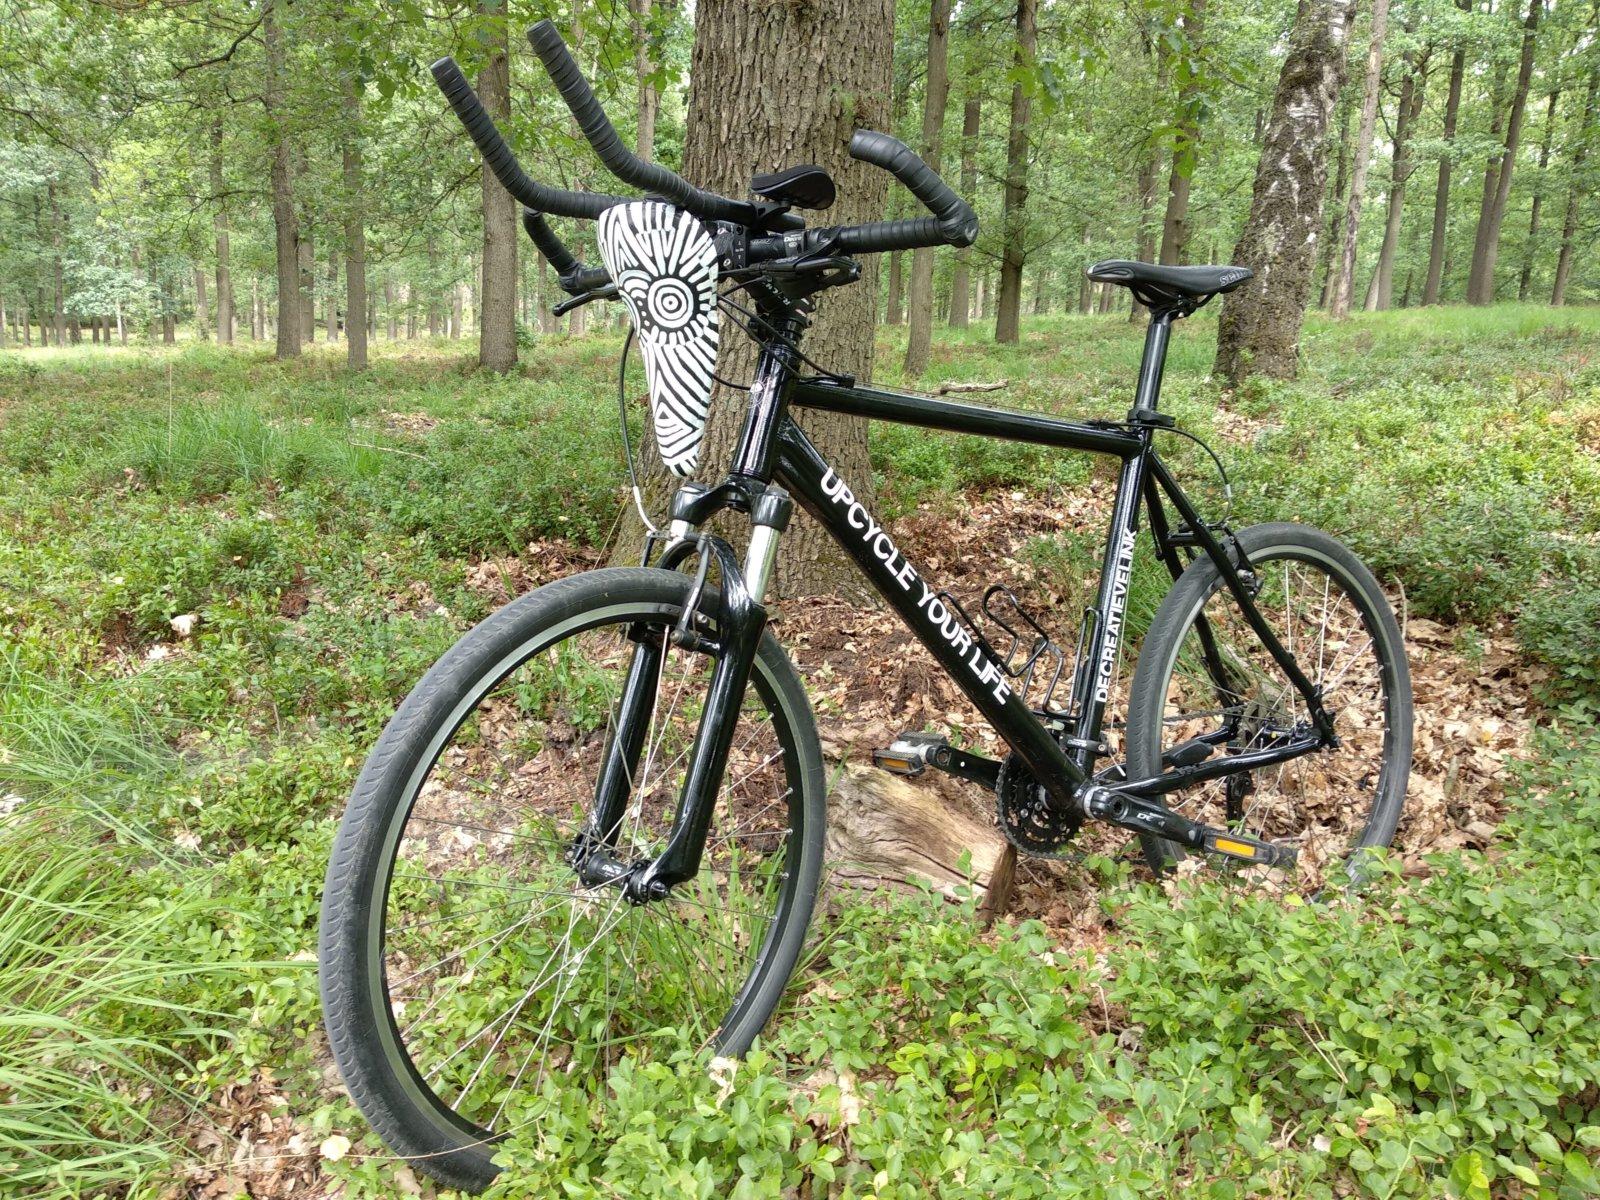 Decreatievelink Upcycle Your Life Bike